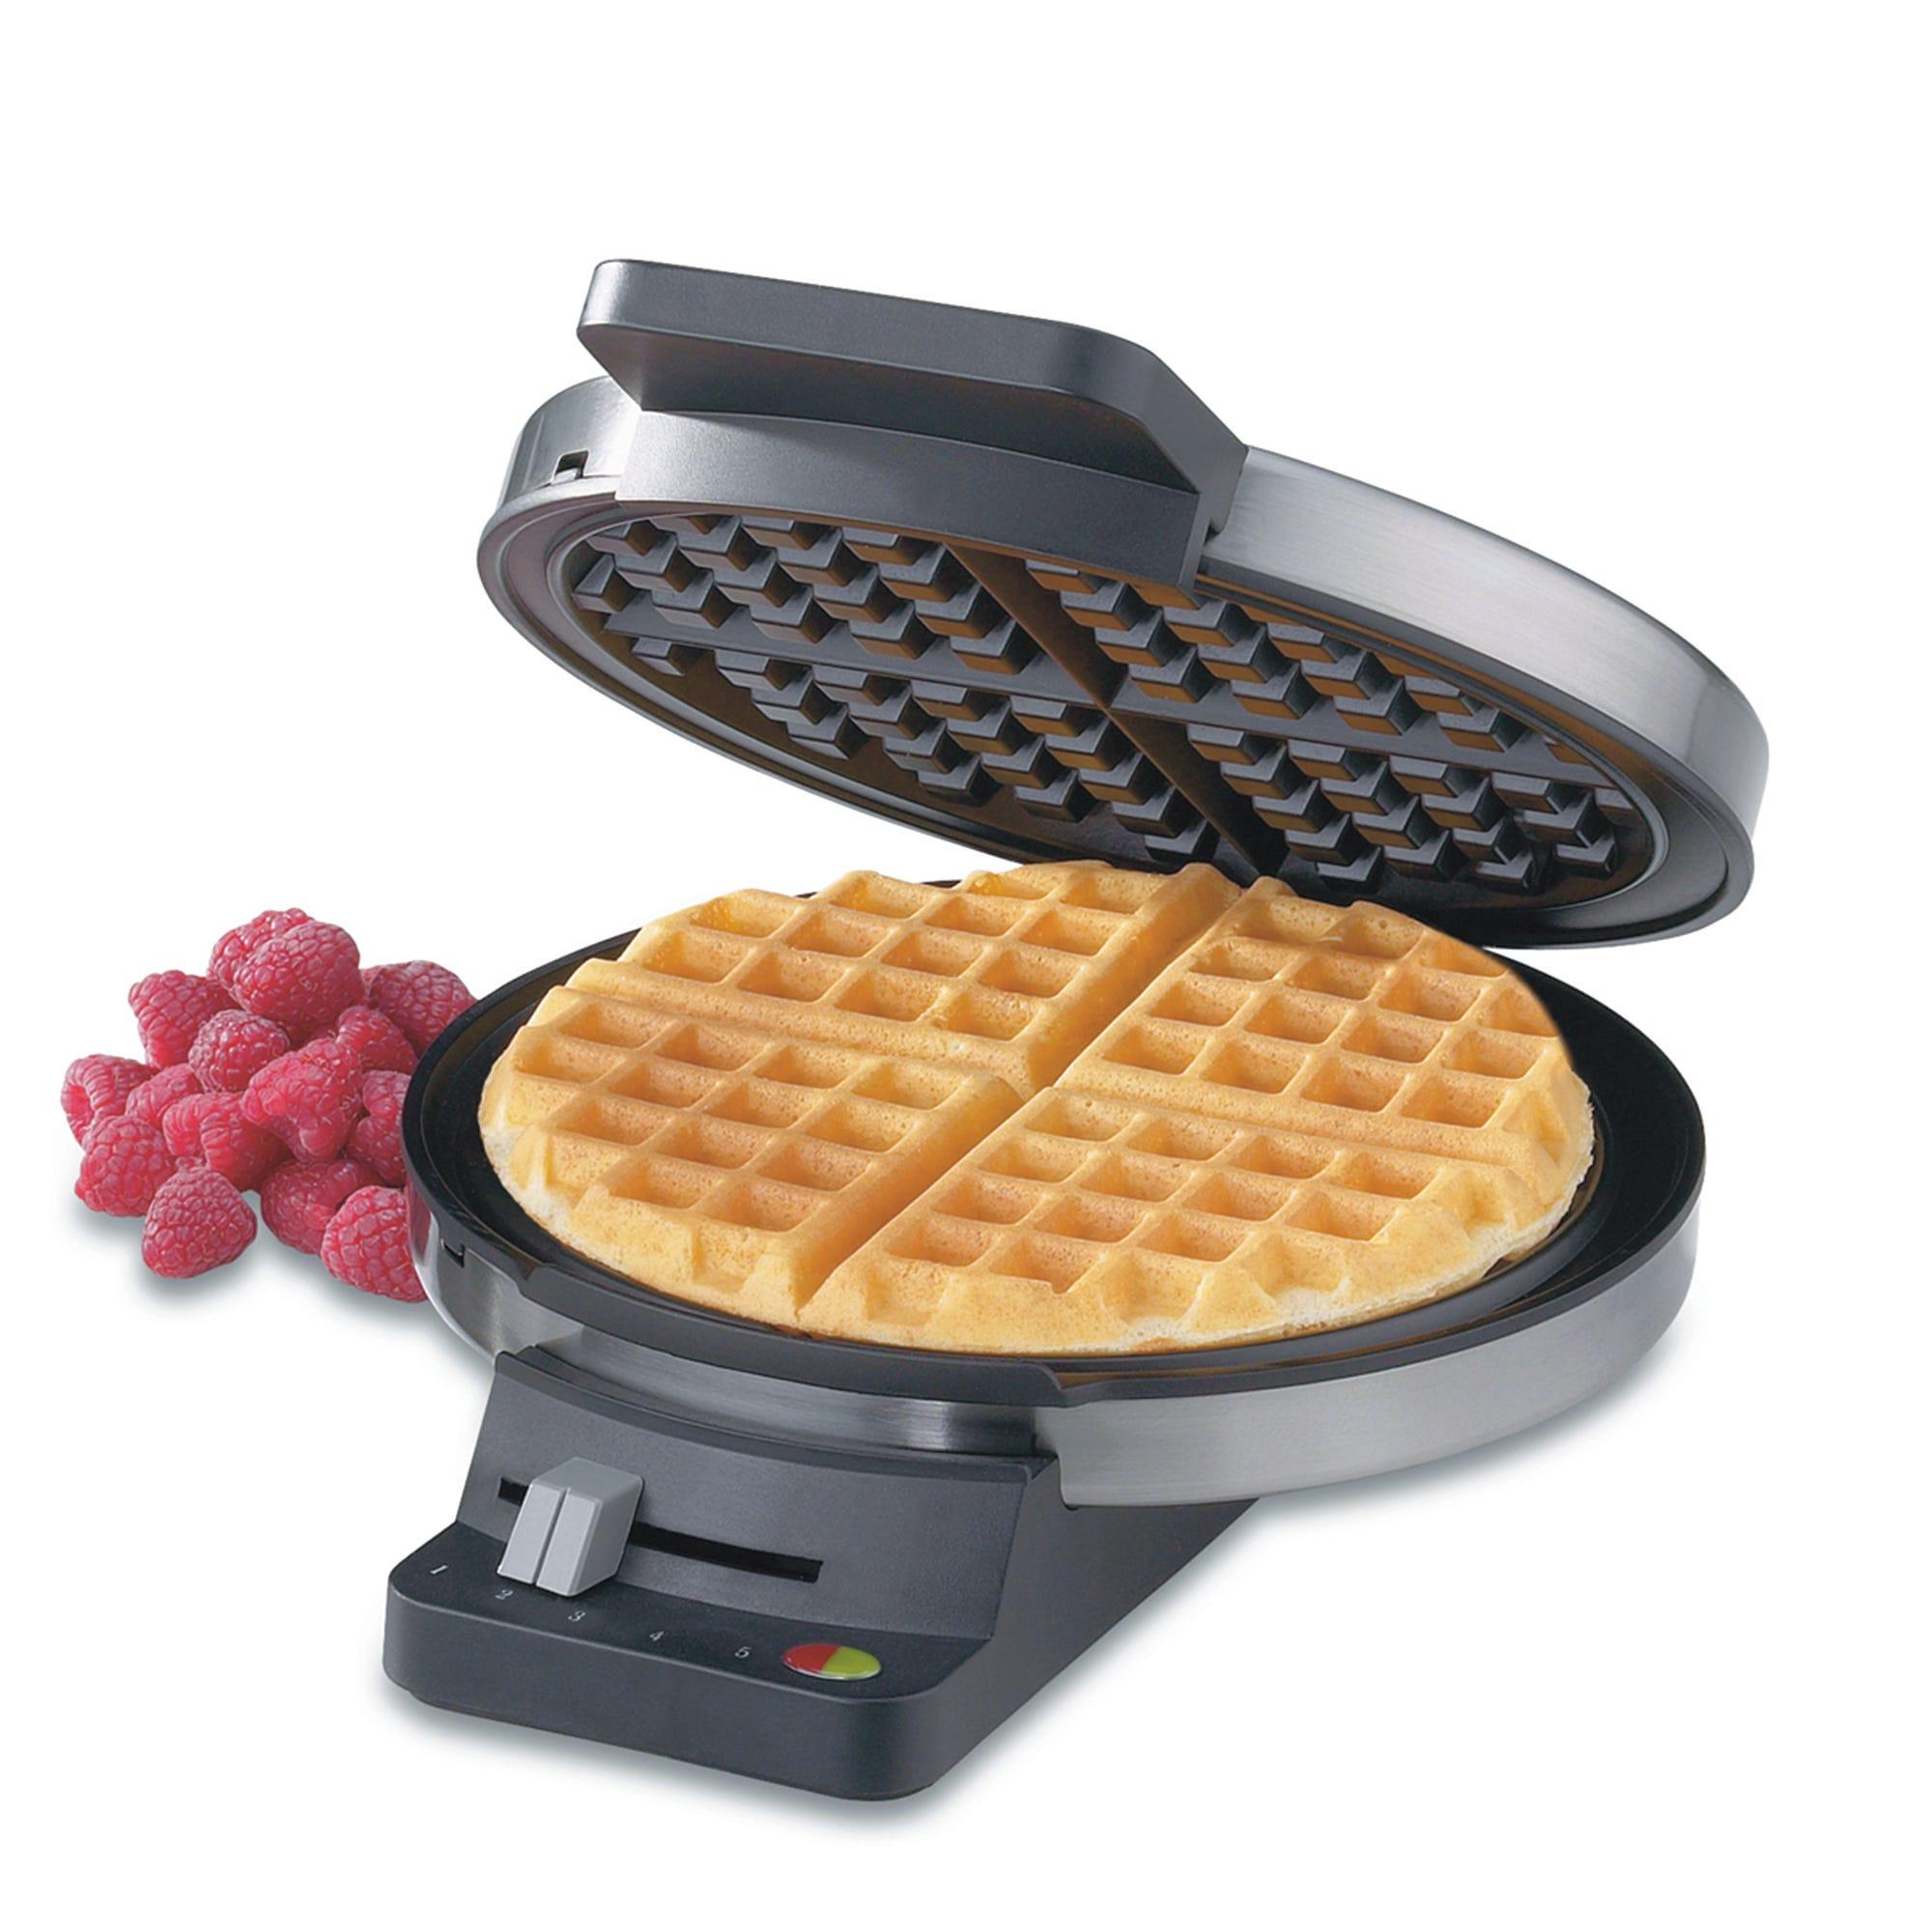 Wafflera redonda clásica de acero inoxidable Cuisinart®